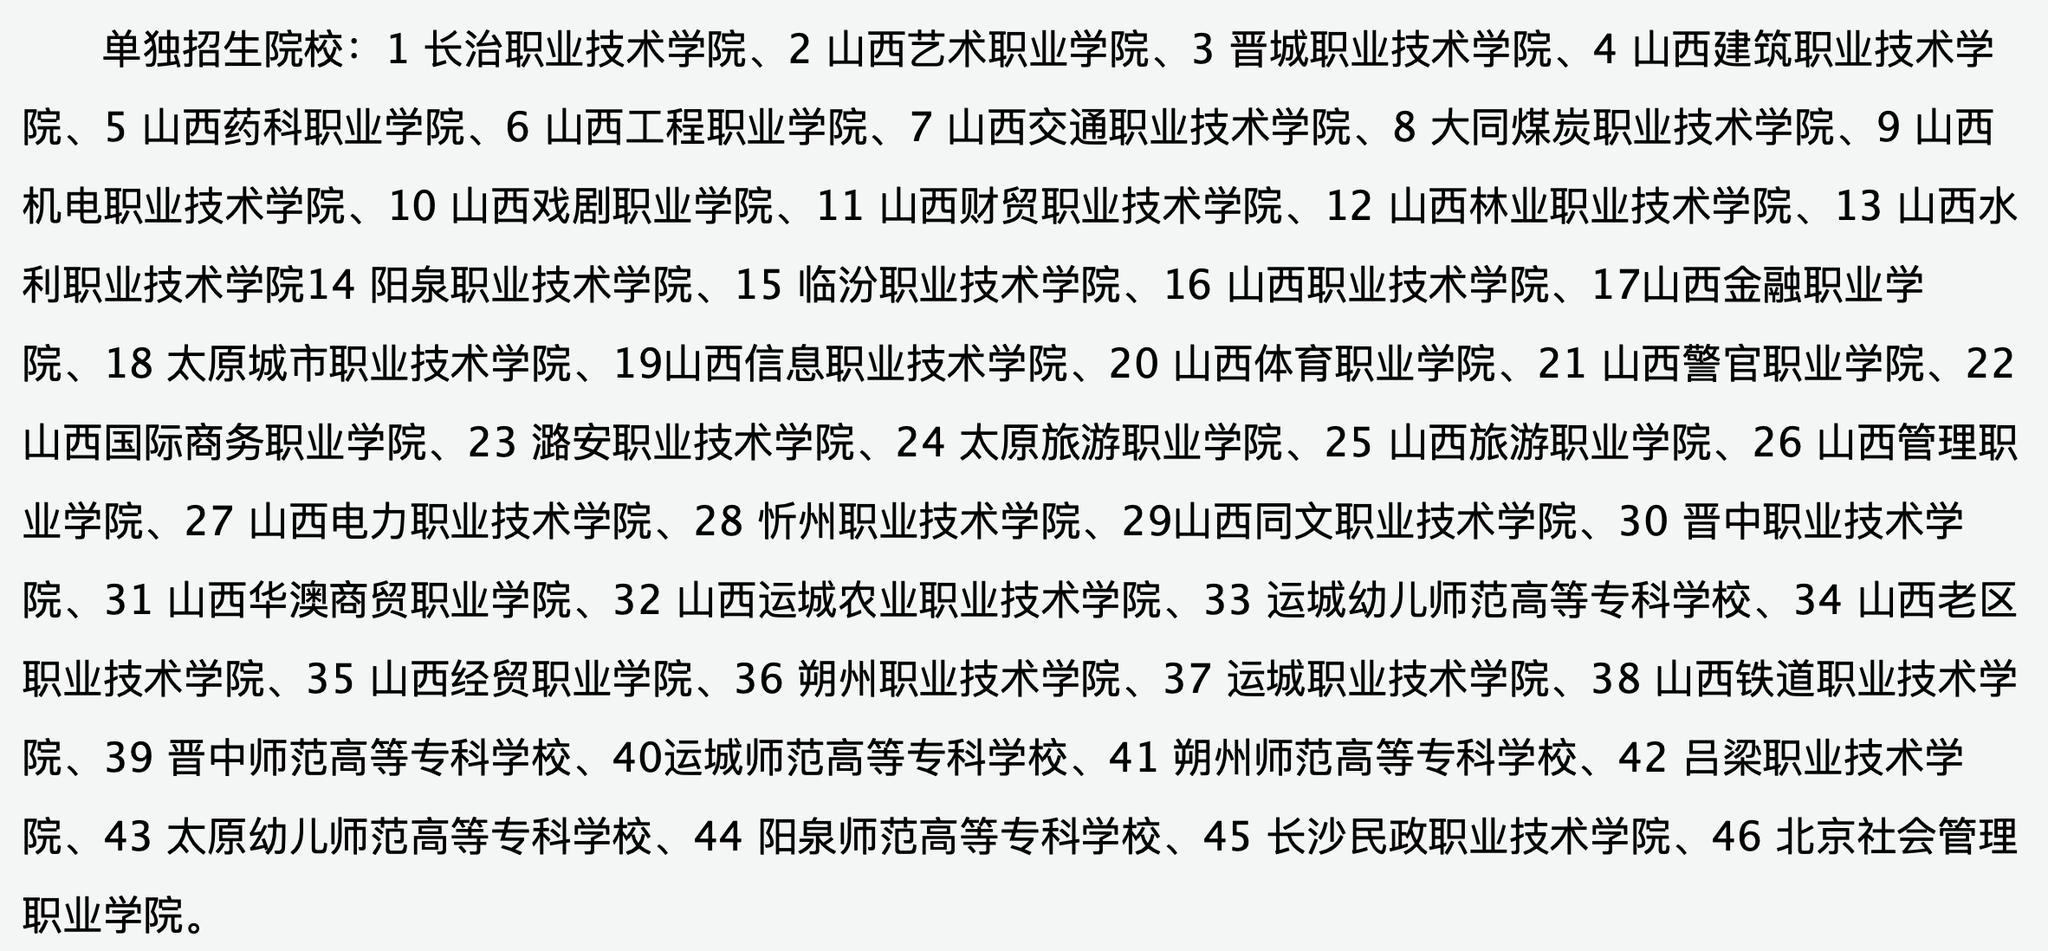 招生杏悦娱乐4万余人网上志愿填报开始,杏悦娱乐图片